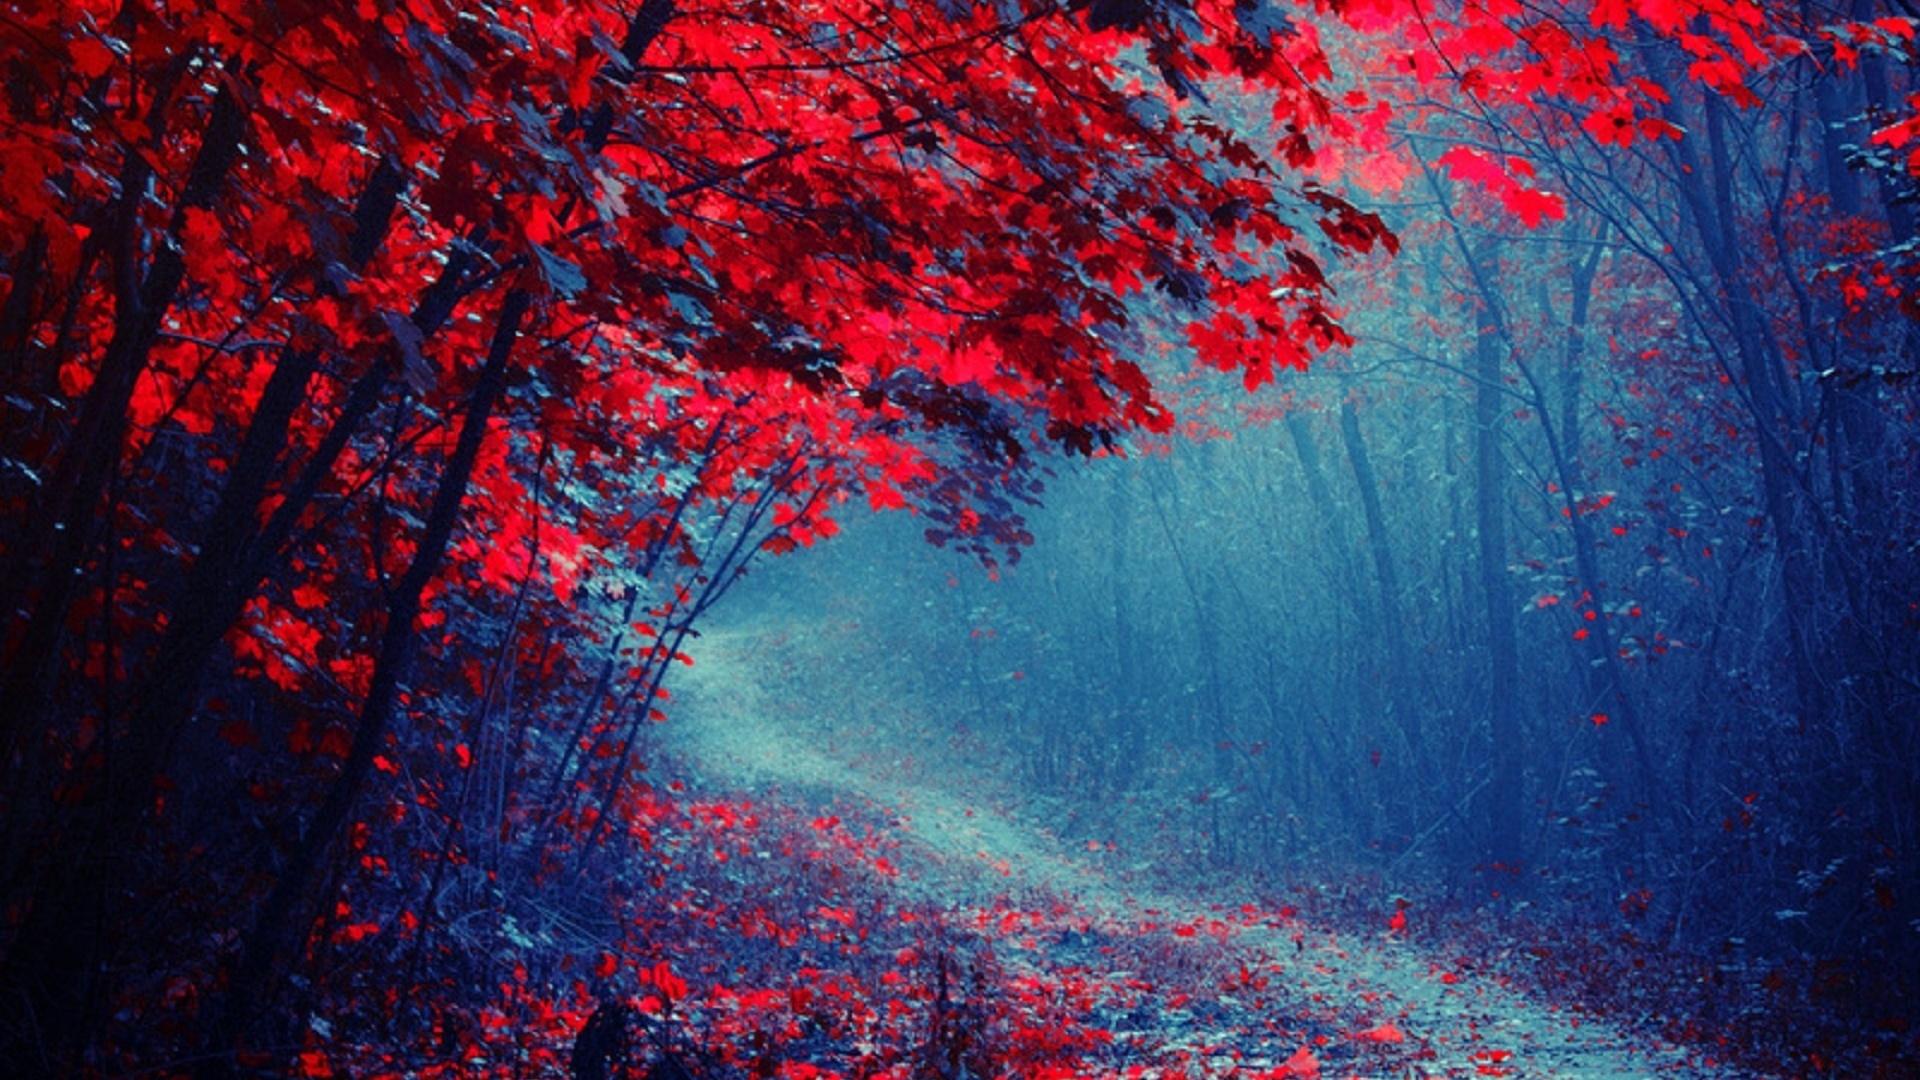 поняла, красный лес рисунок плавание были